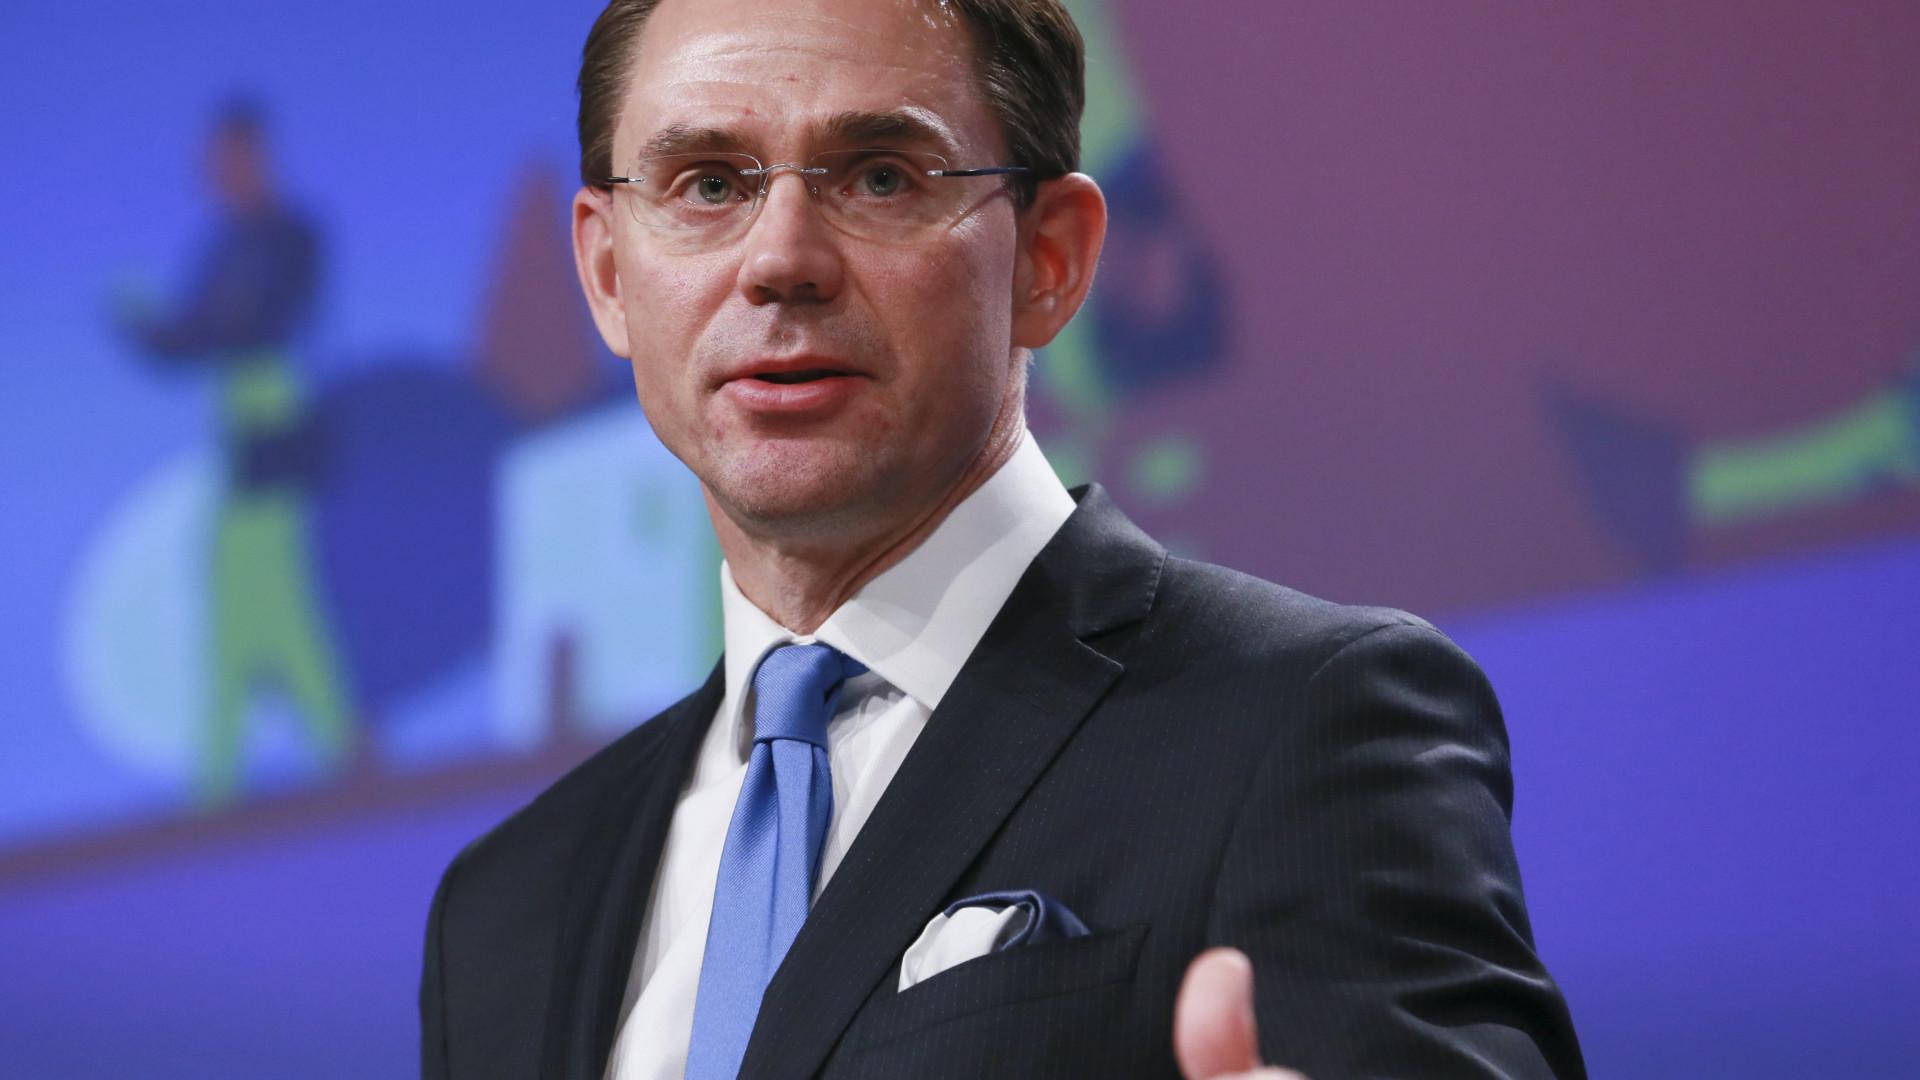 Surge a primeira queixa contra Durão Barroso por lóbi